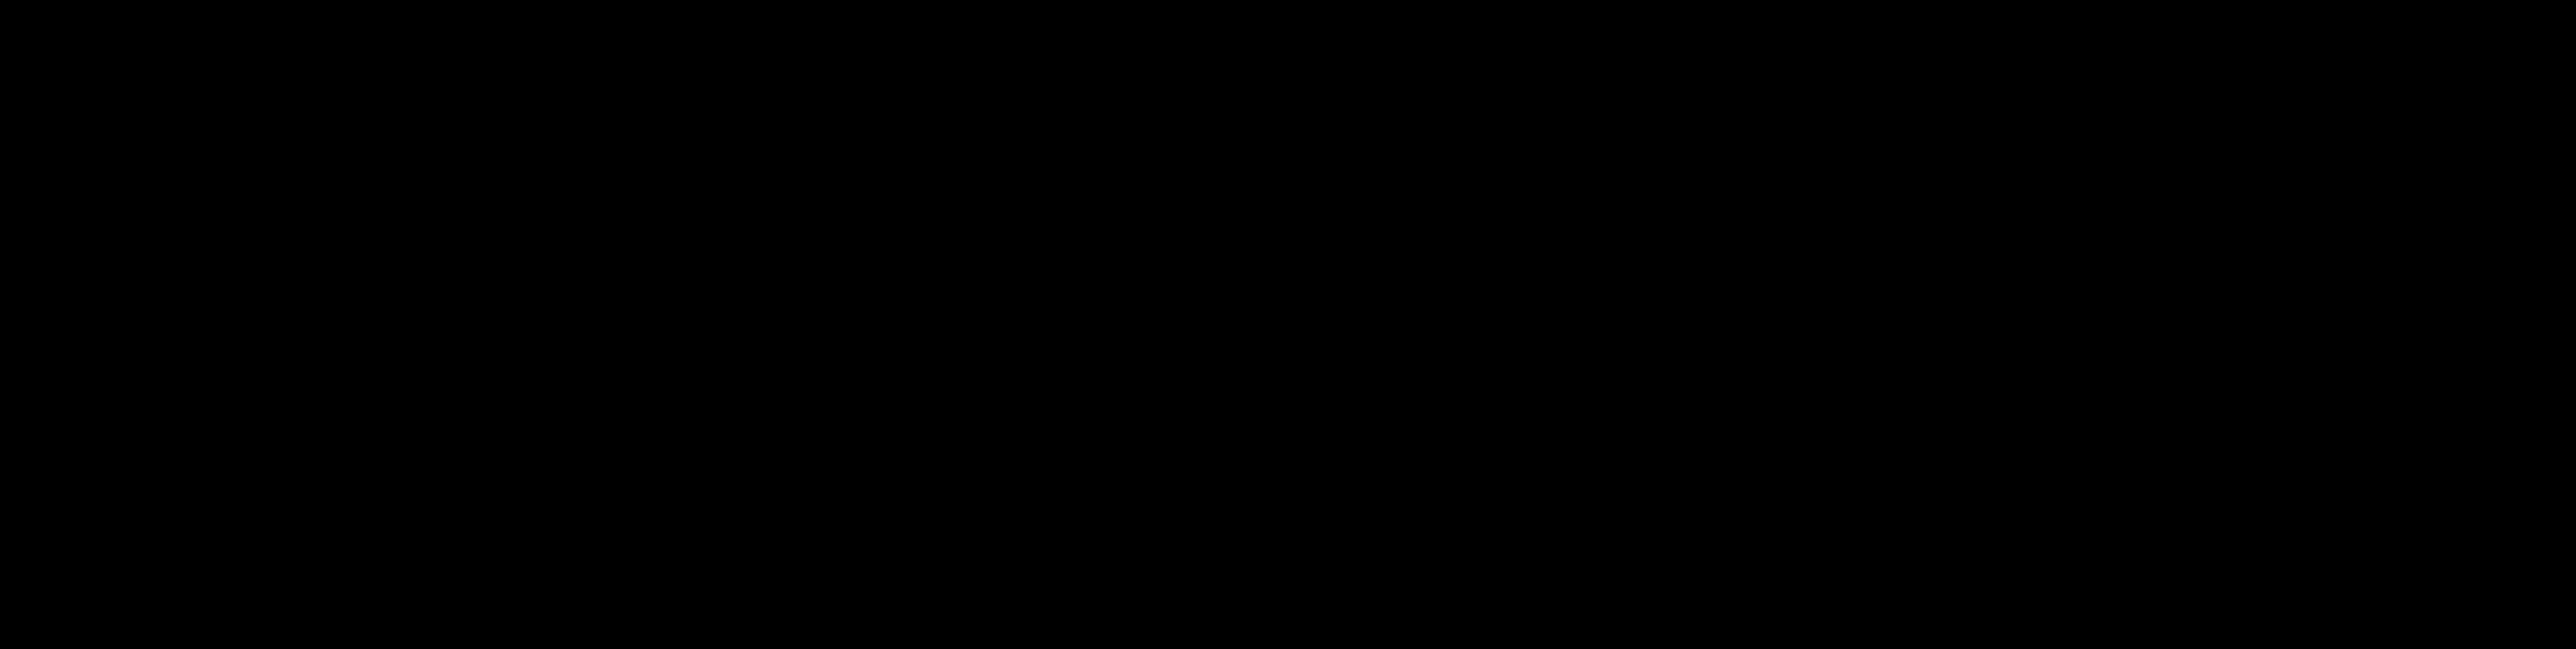 Andersen-1